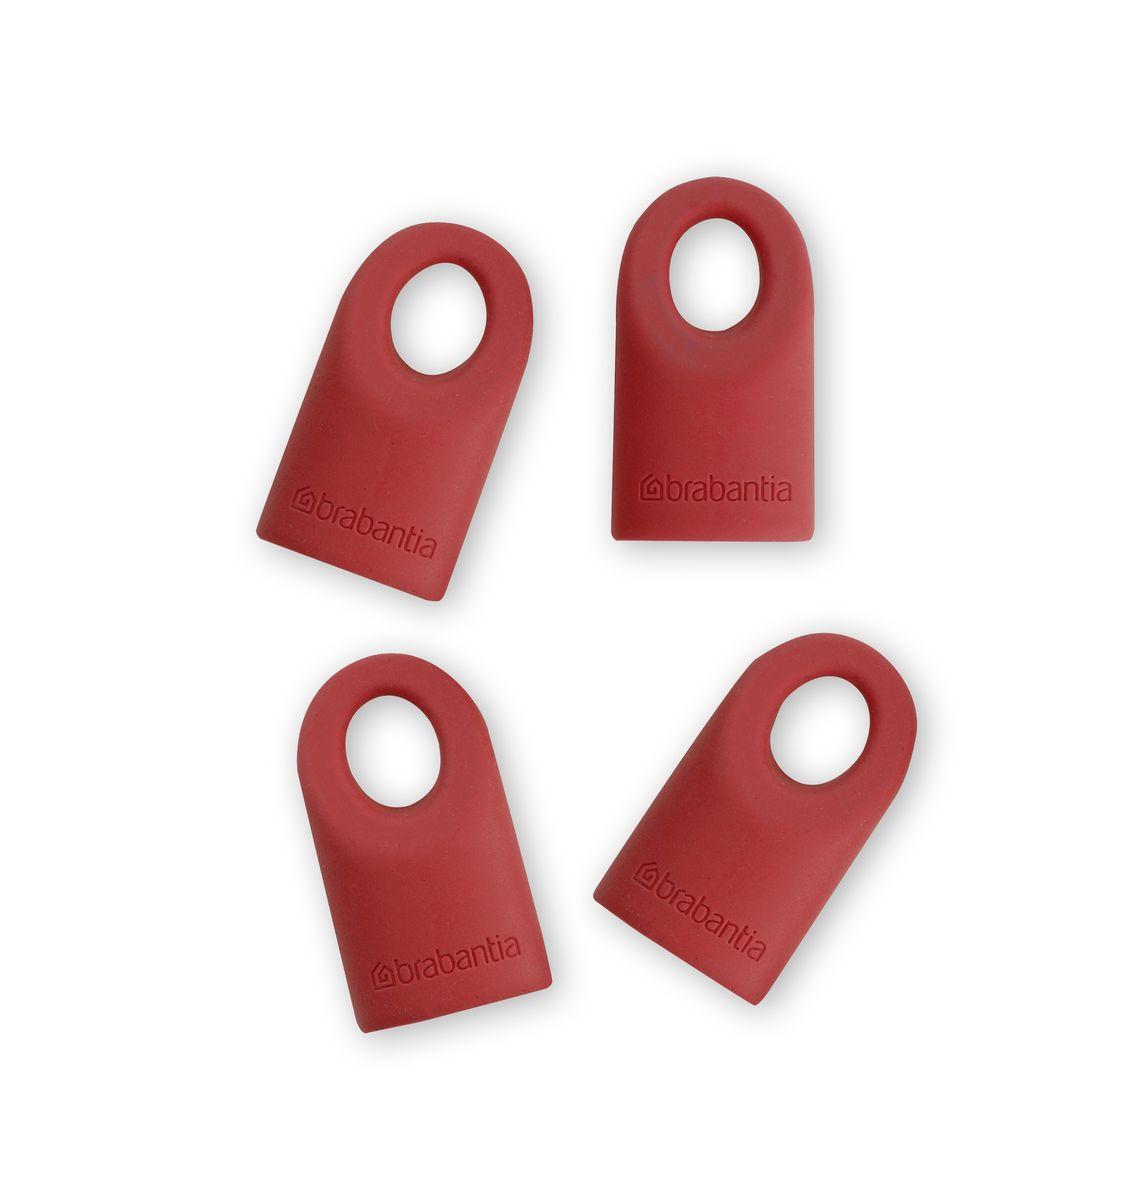 Силиконовые колпачки Brabantia Accent, цвет: красный, 4 шт21395599Силиконовые колпачки Brabantia Accent предназначены для кухонных принадлежностей линии Accent. Просто наденьте колпачок на нужную кухонную принадлежность. Используя съемные колпачки разных цветов, вы можете создавать свой оригинальный стиль. Колпачки оснащены специальными отверстиями для крючков.Длина колпачка: 4 см.